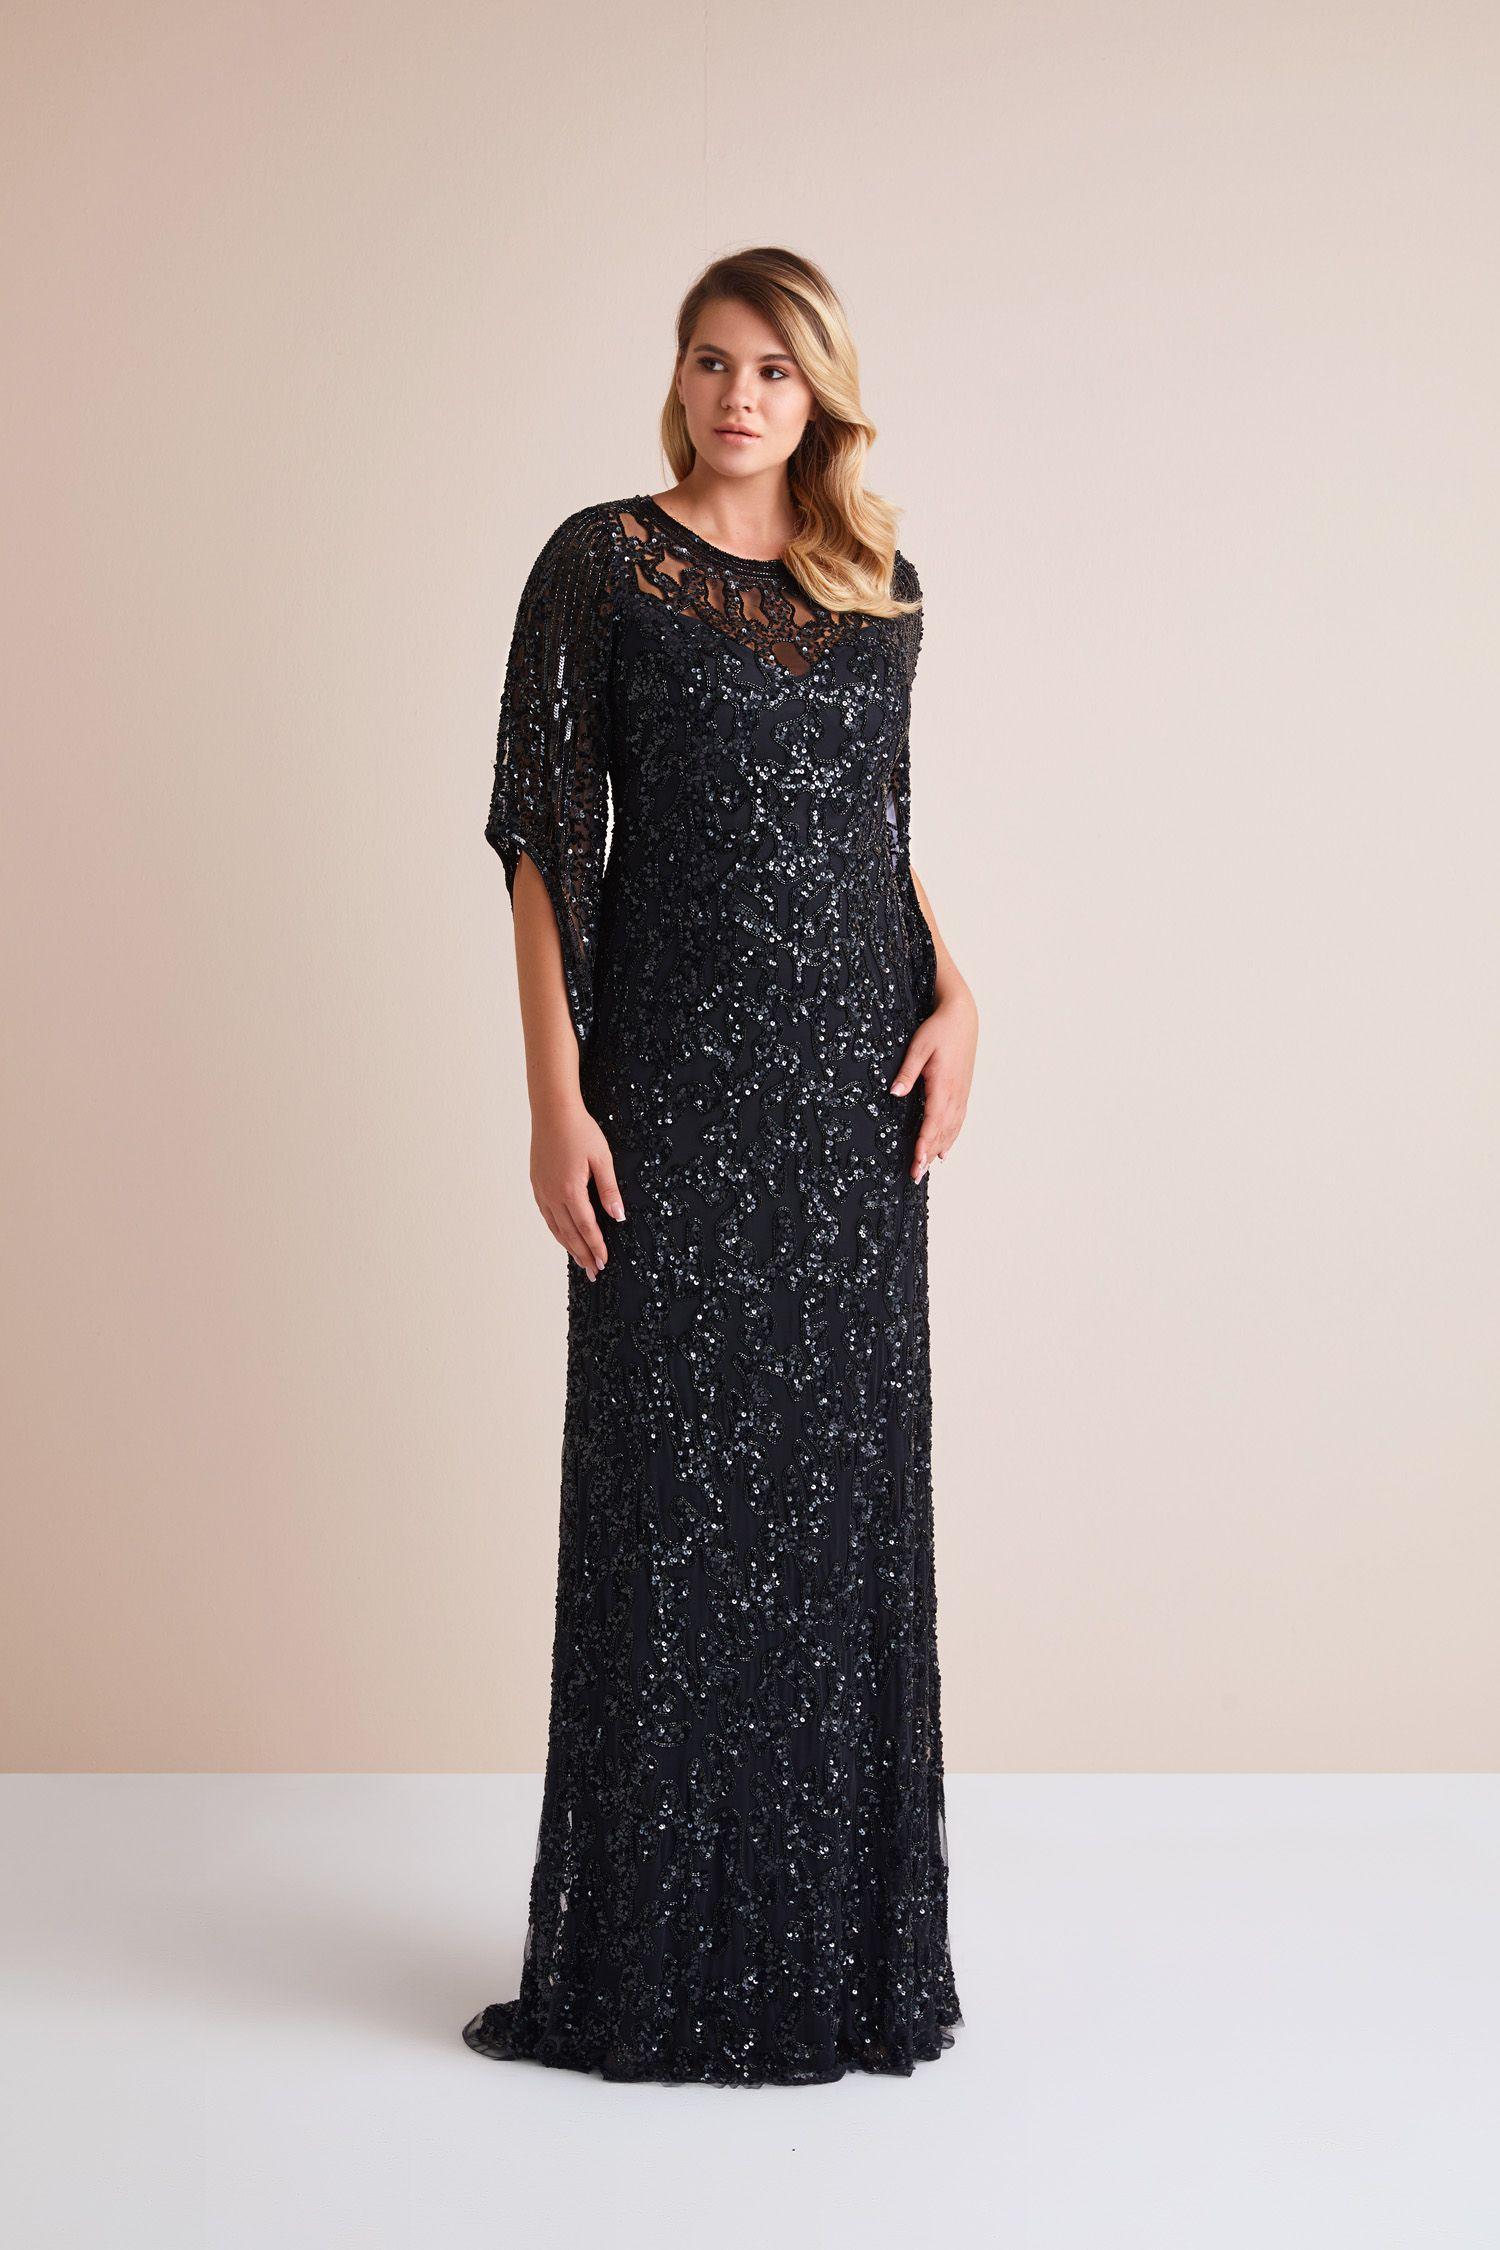 Siyah Uzun Kollu Payetli Abiye Elbise En Sik Buyuk Beden Abiye Modellerini Oleg Cassini Koleksiyonunda Kesfedin Plussize Evening The Dress Elbise Elbiseler